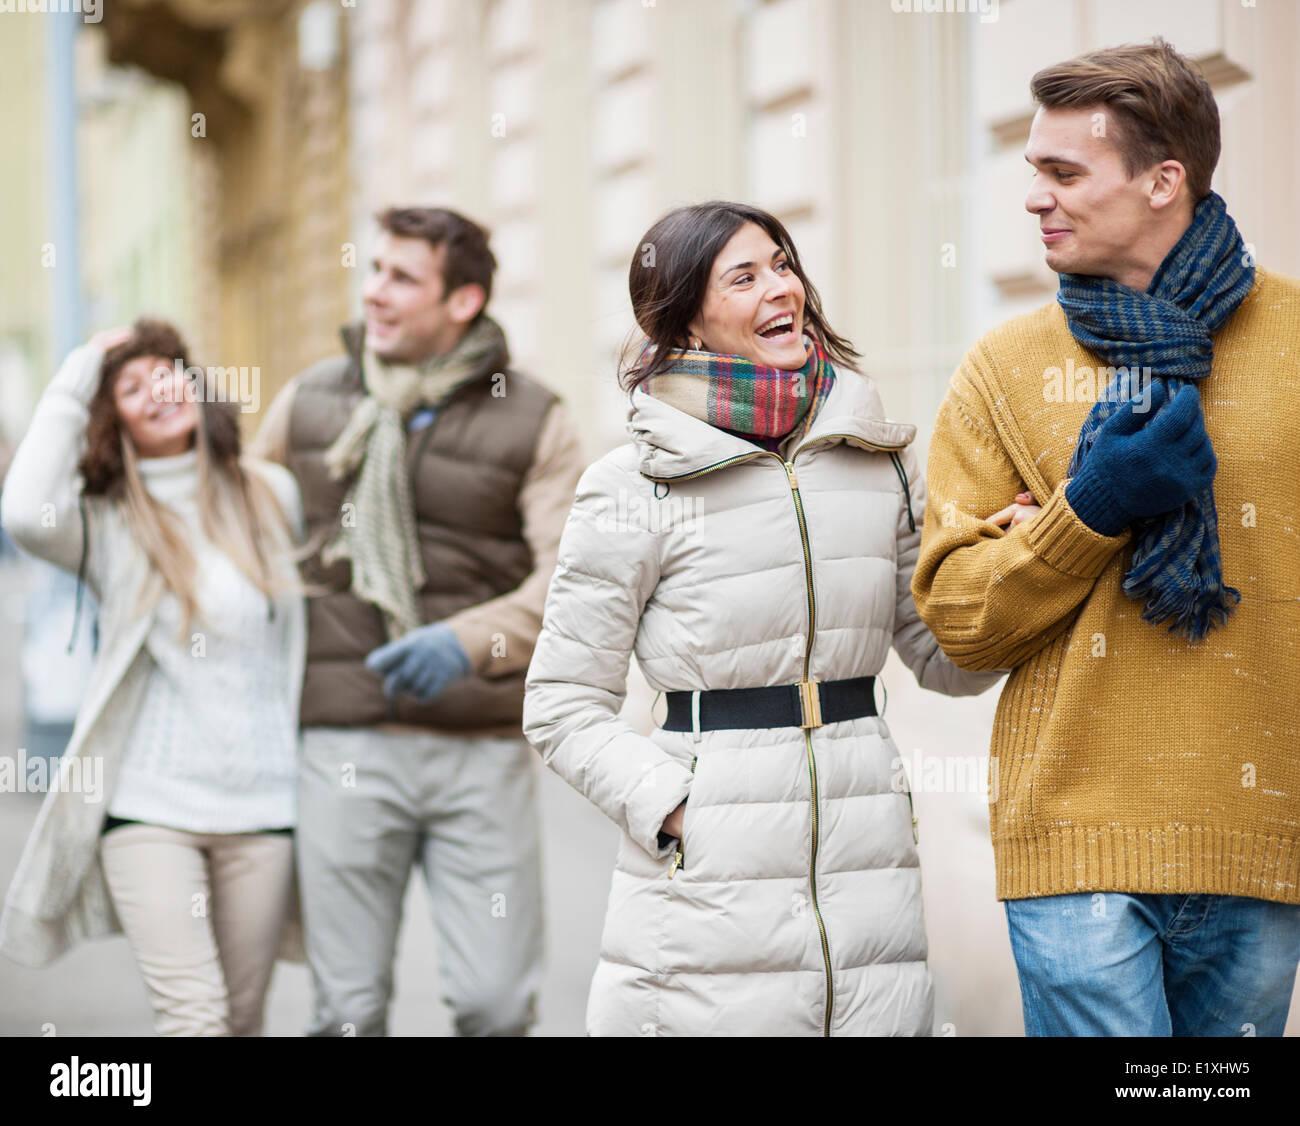 Las parejas felices disfrutando de unas vacaciones en ropa de abrigo Foto de stock